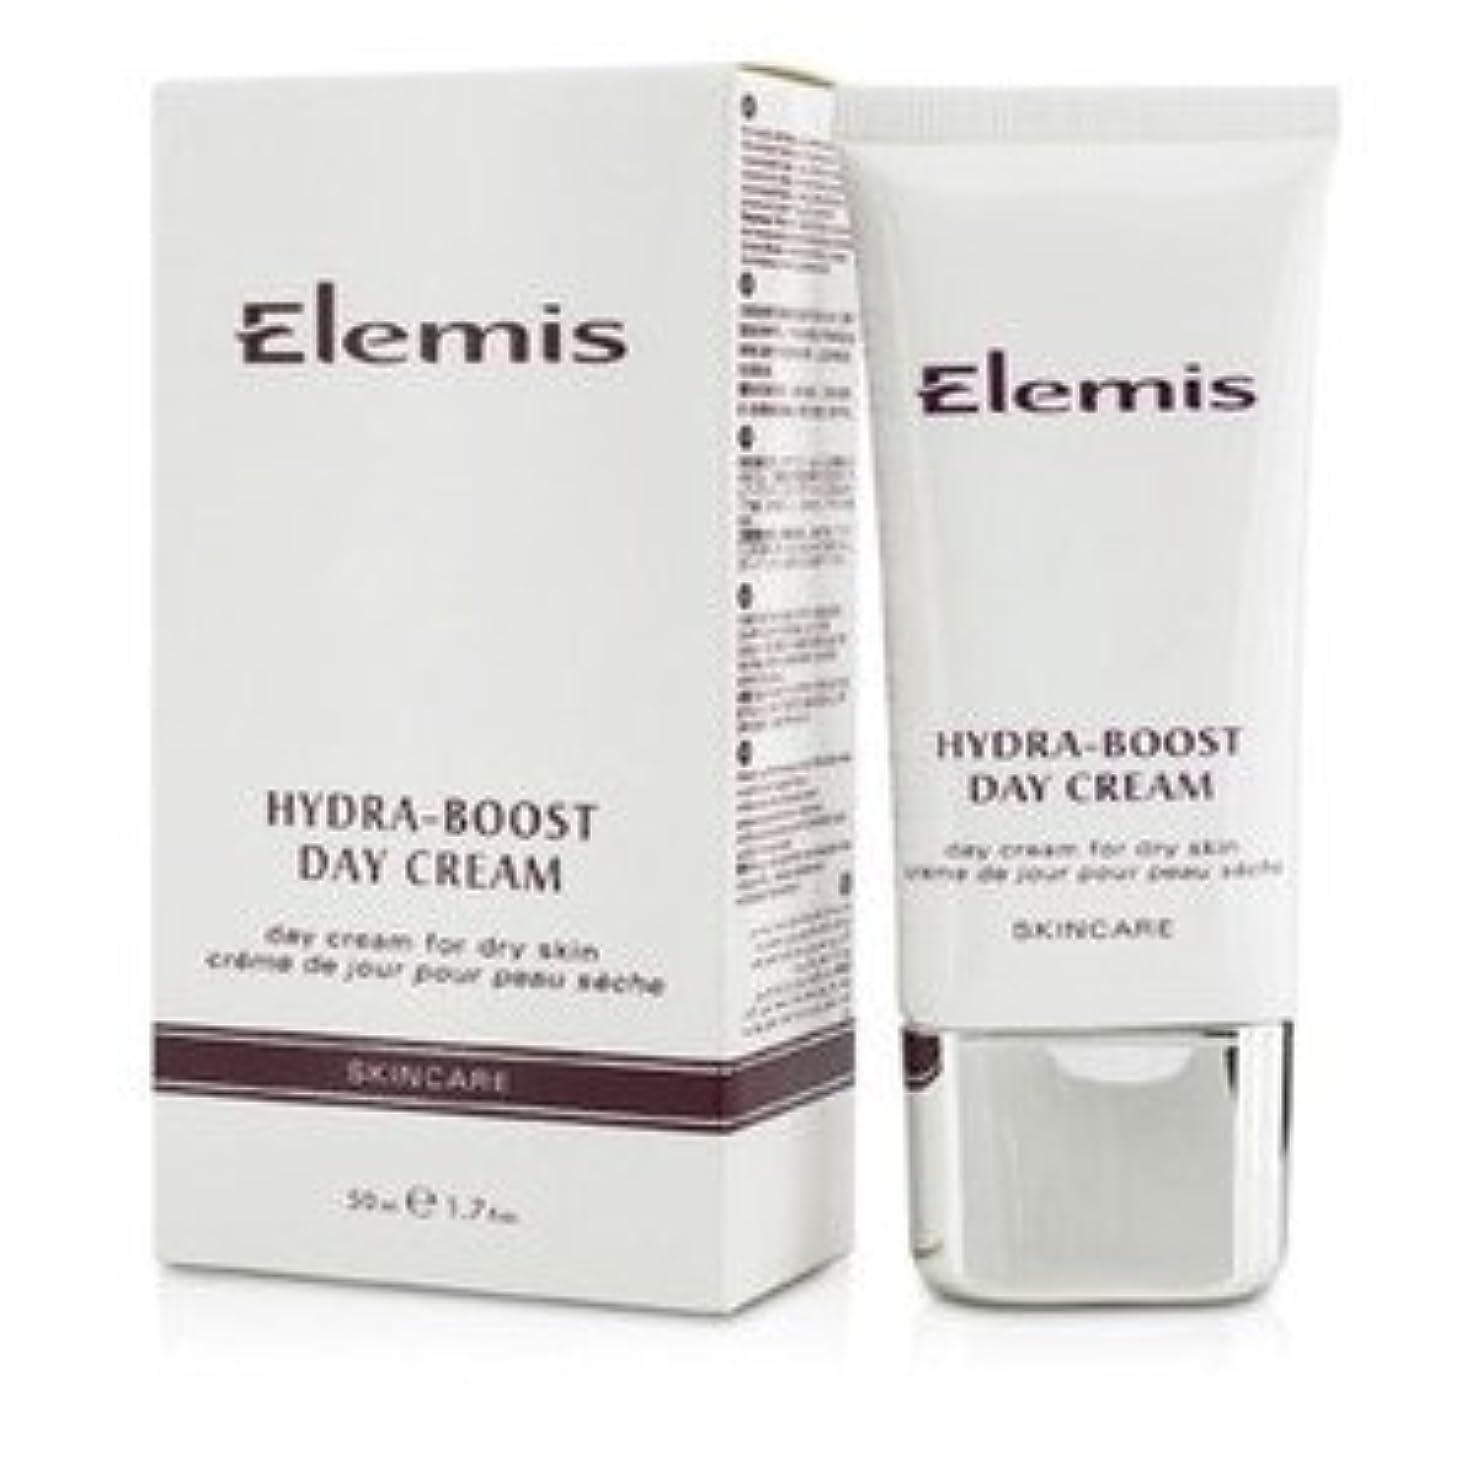 城ガレージ繁栄エレミス[Elemis] イドラ ブースト デイ クリーム For Dry Skin 50ml/1.7oz [並行輸入品]